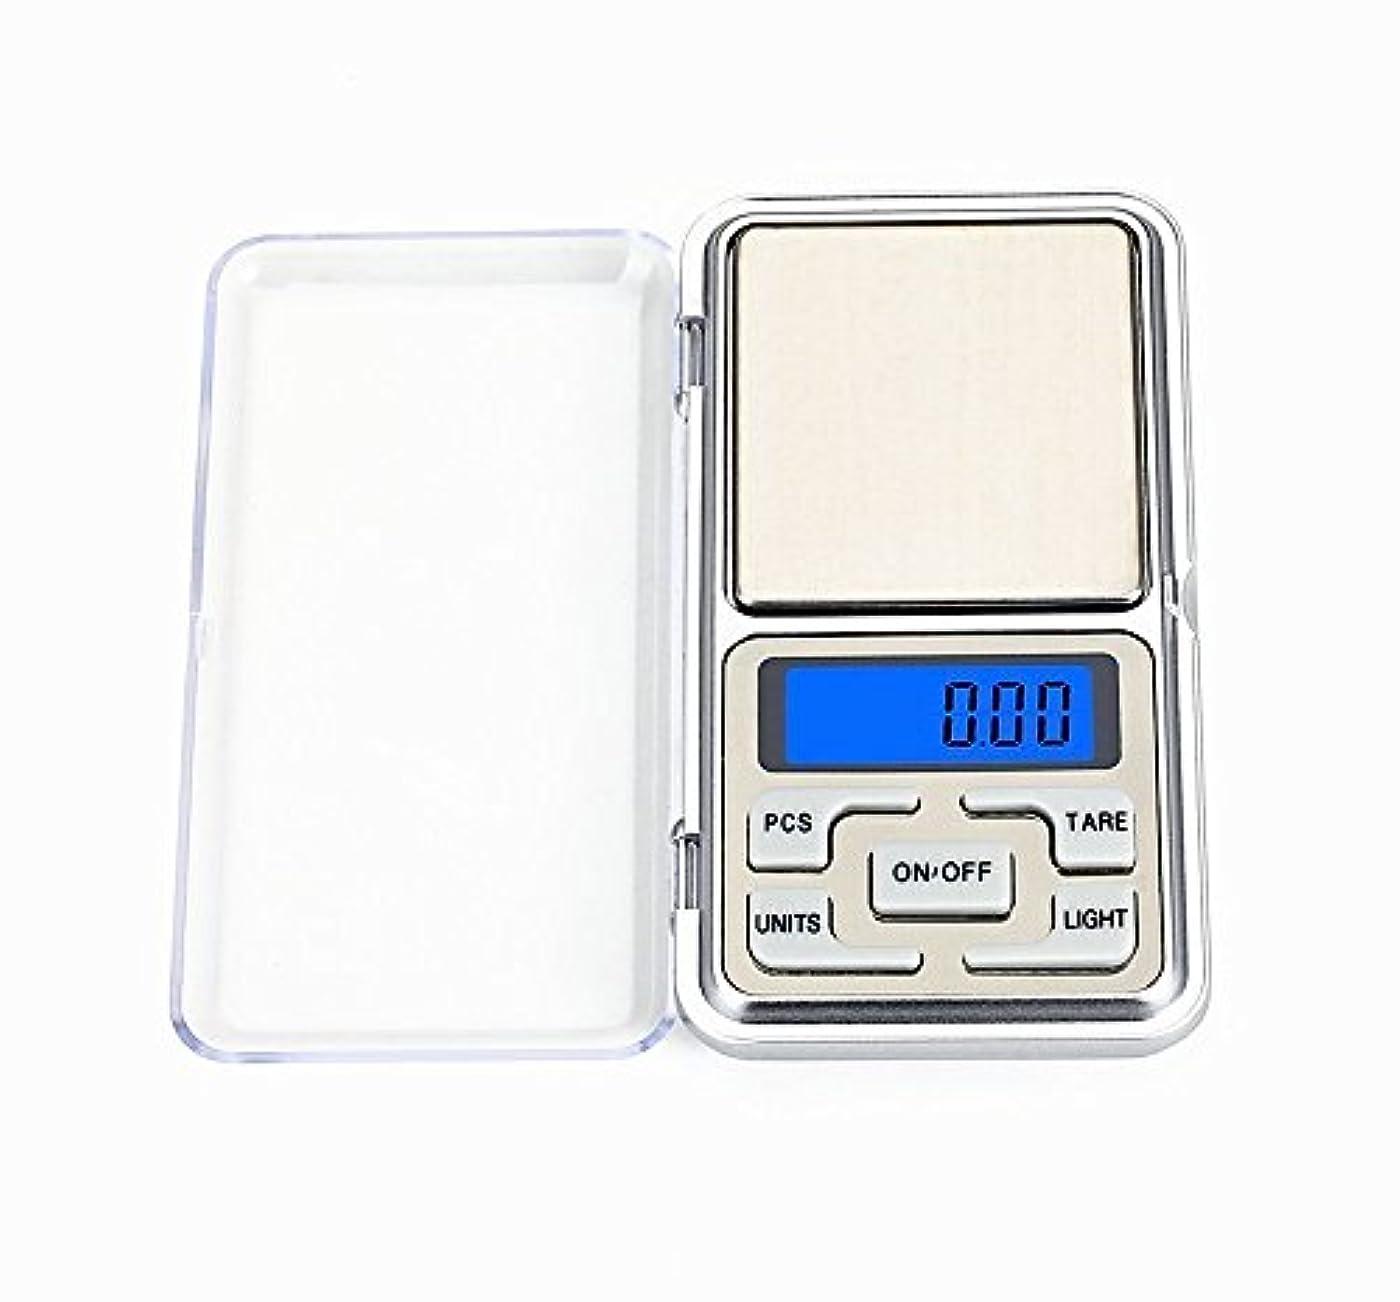 川情熱的援助するKeepjoy 携帯タイプはかり ポケットデジタルスケール(秤) 0.01g-200g精密 業務用(プロ用) デジタルスケール 電子天秤